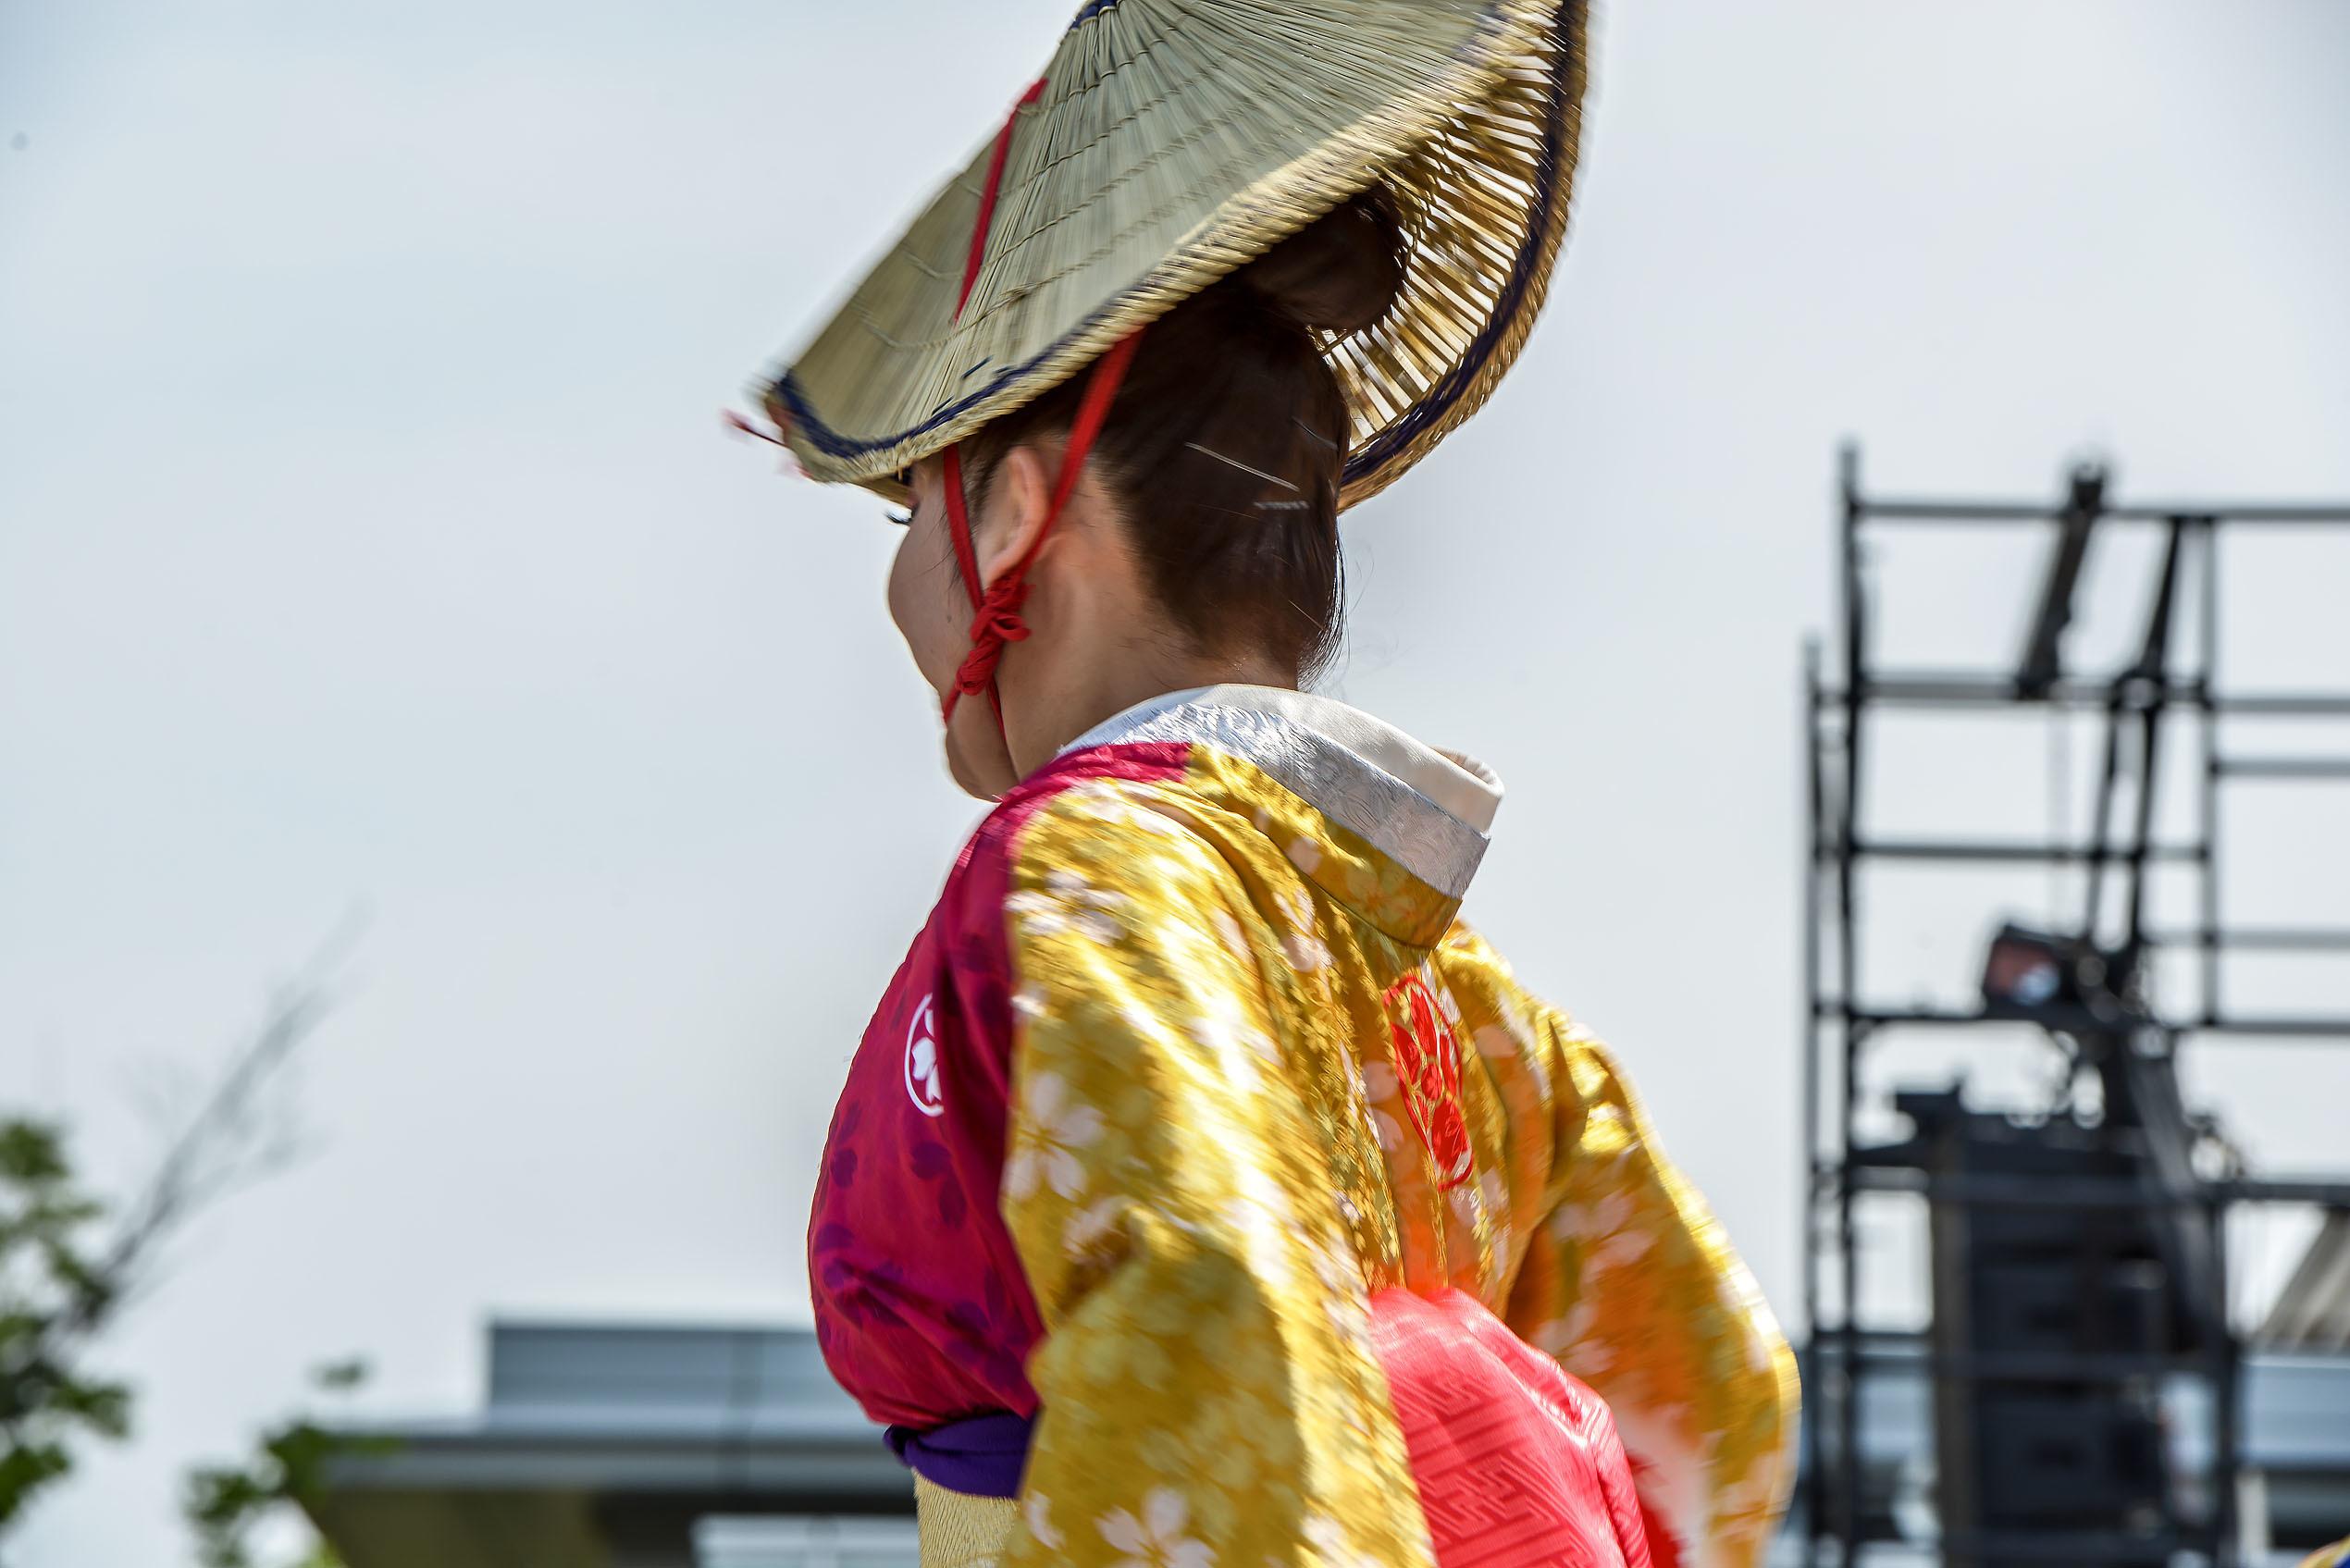 四国の祭り 2019 今年も元気よく_d0246136_00020722.jpg